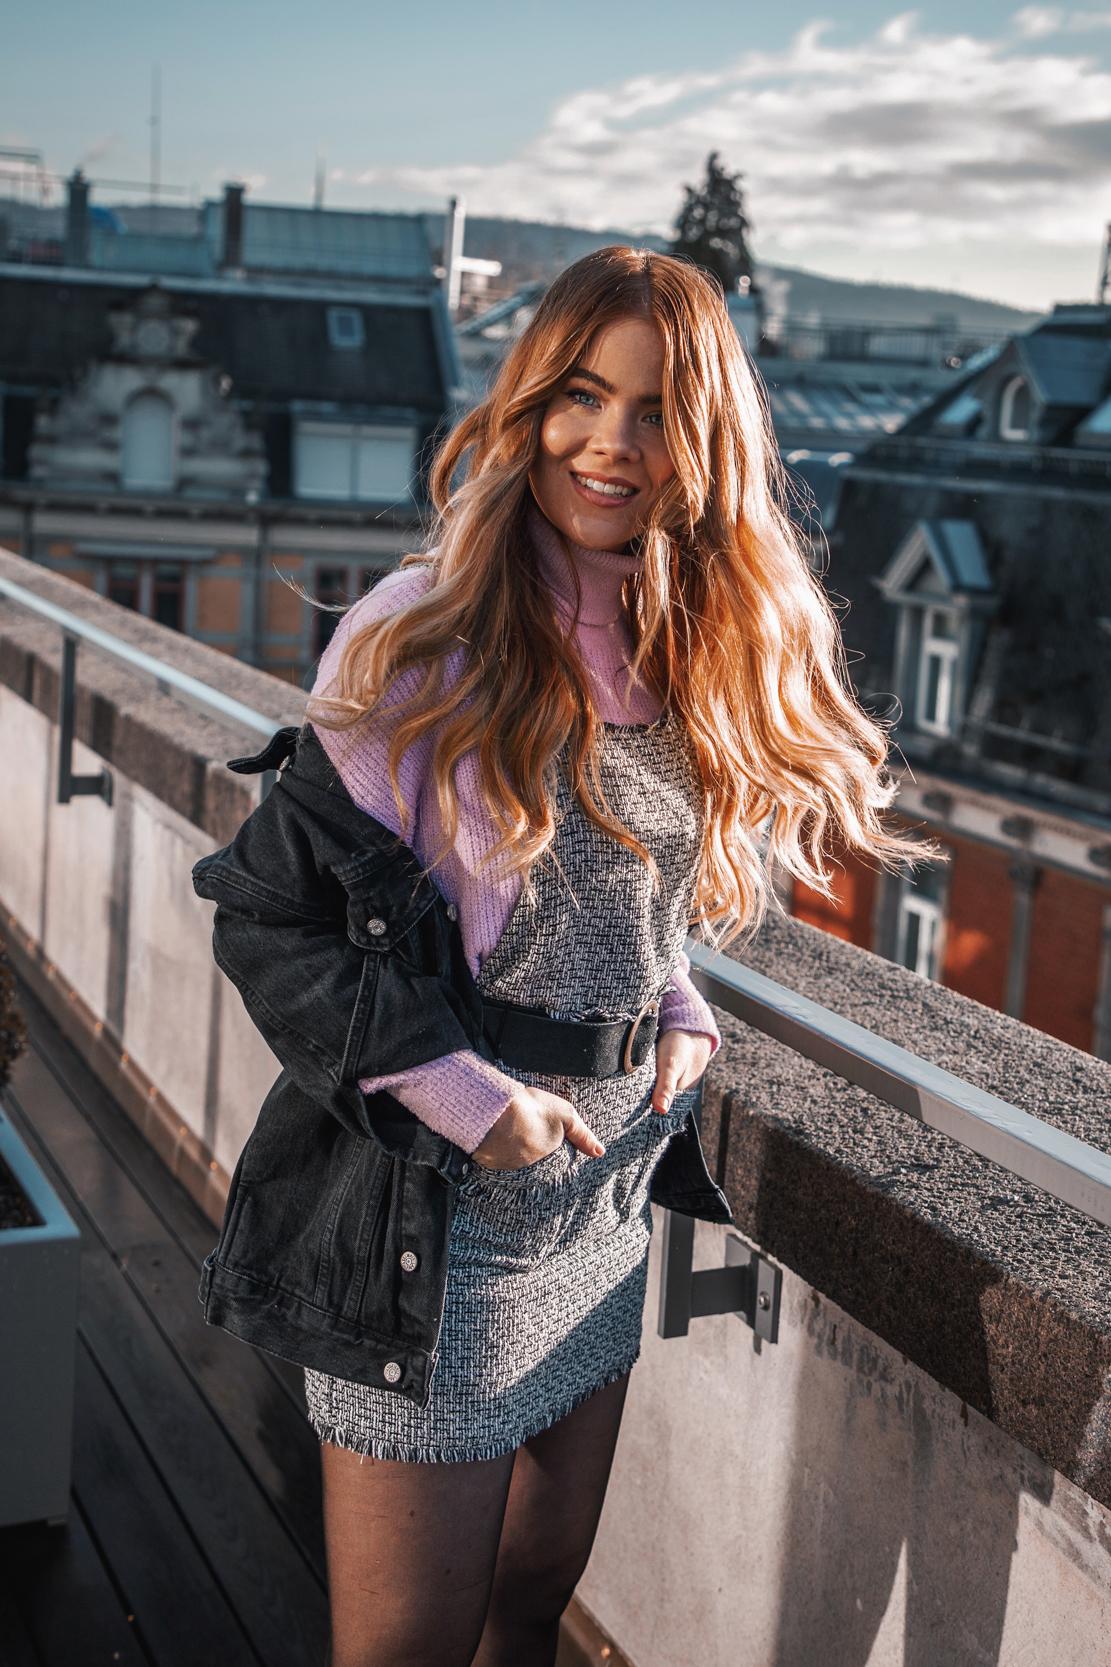 stylish-winter-outfits-switzerland-2.jpg